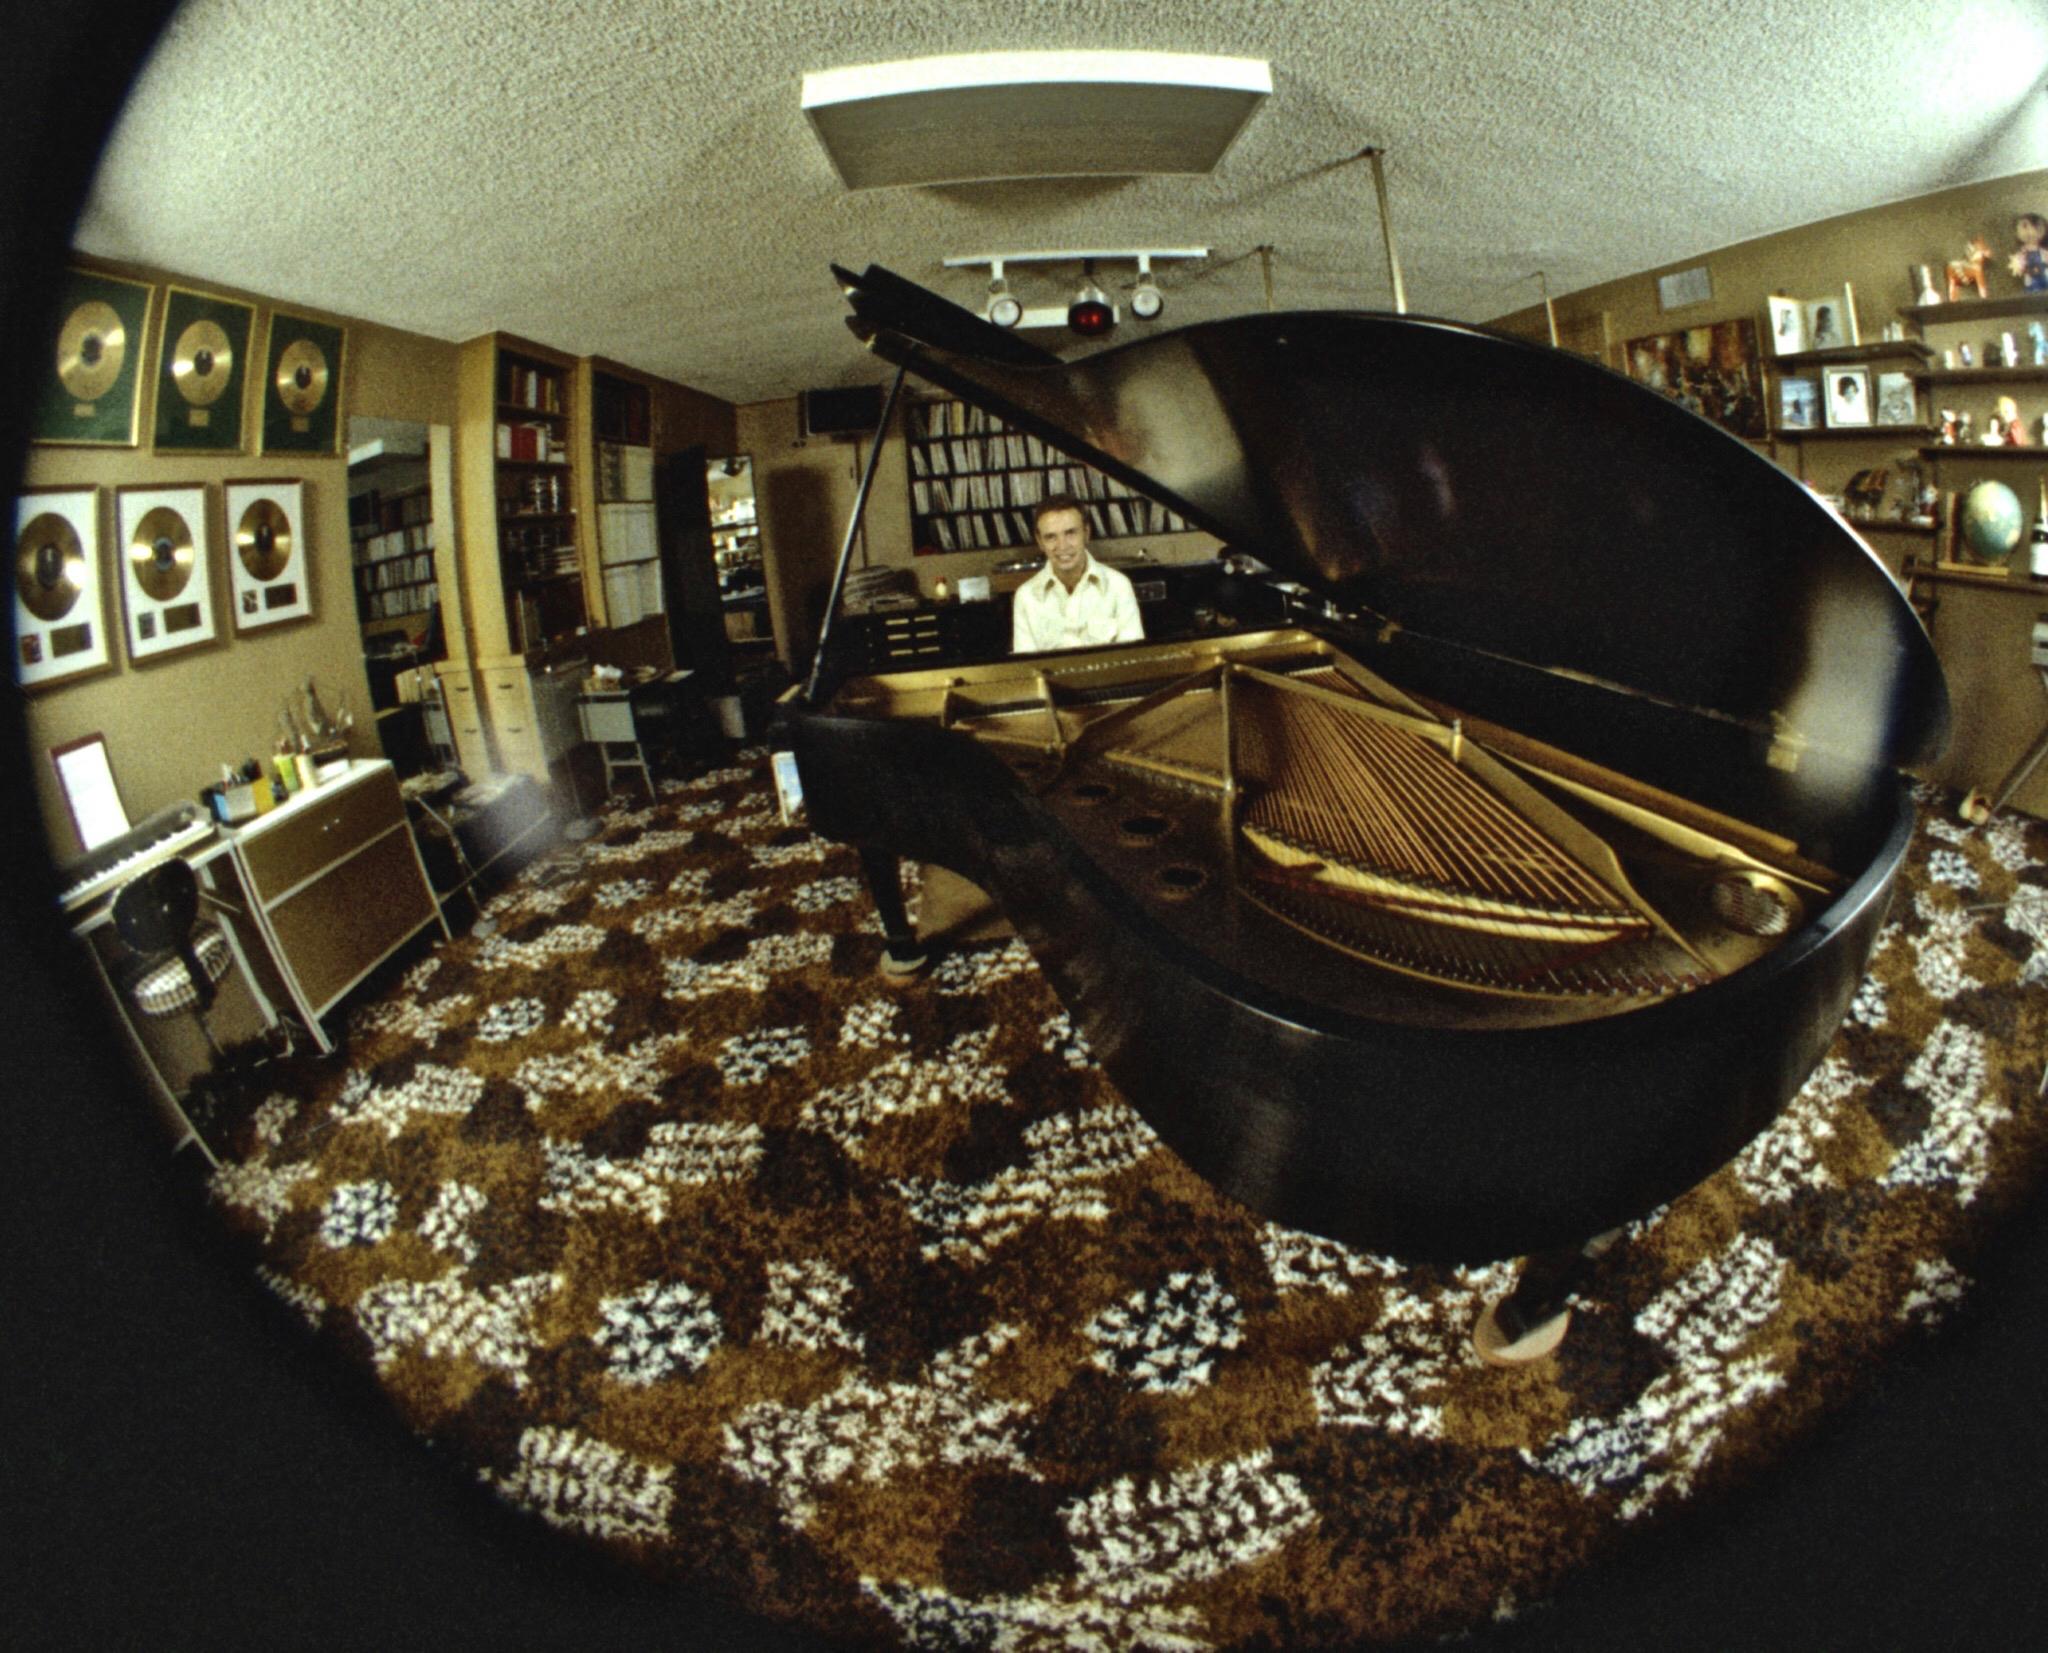 Roger's home practice studio